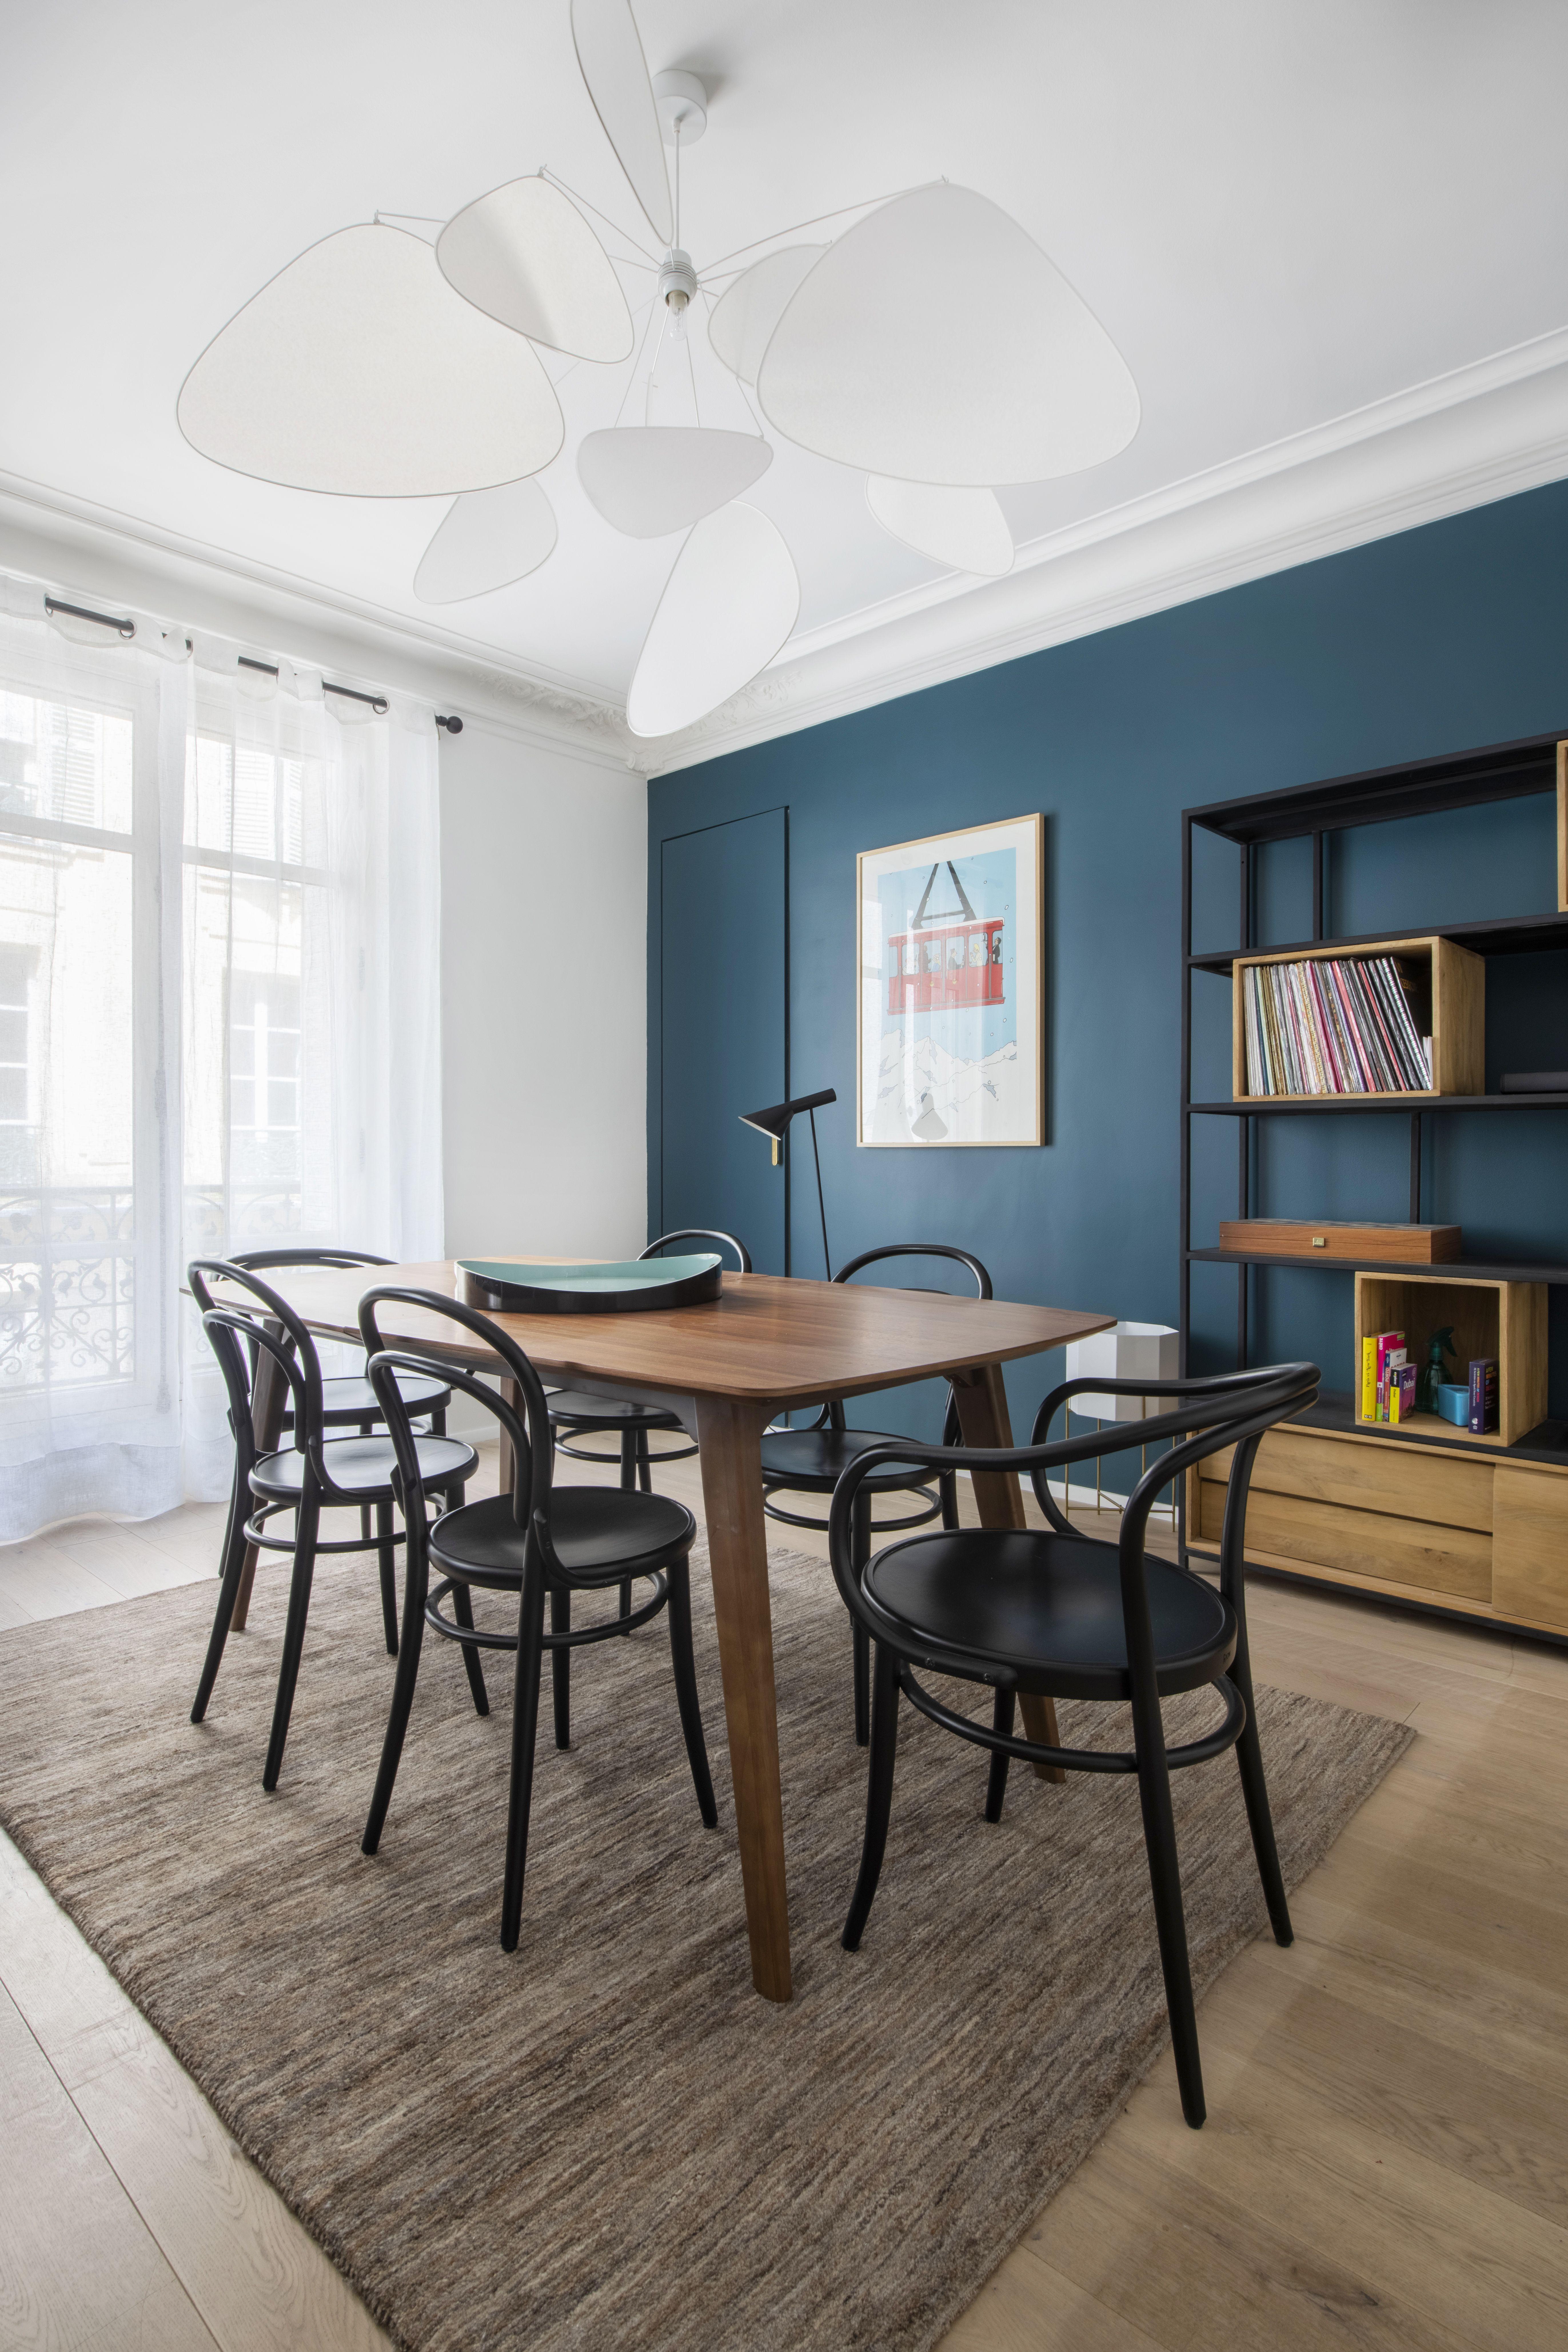 Salle à manger avec table en bois et chaises noies, mur peint en bleu avec bibliothèque et suspension design blanche #Renovation #architecture #ideas #hacks #Maison #Design #House #Budget #Budgethomedecor #salleàmanger #dinningroom